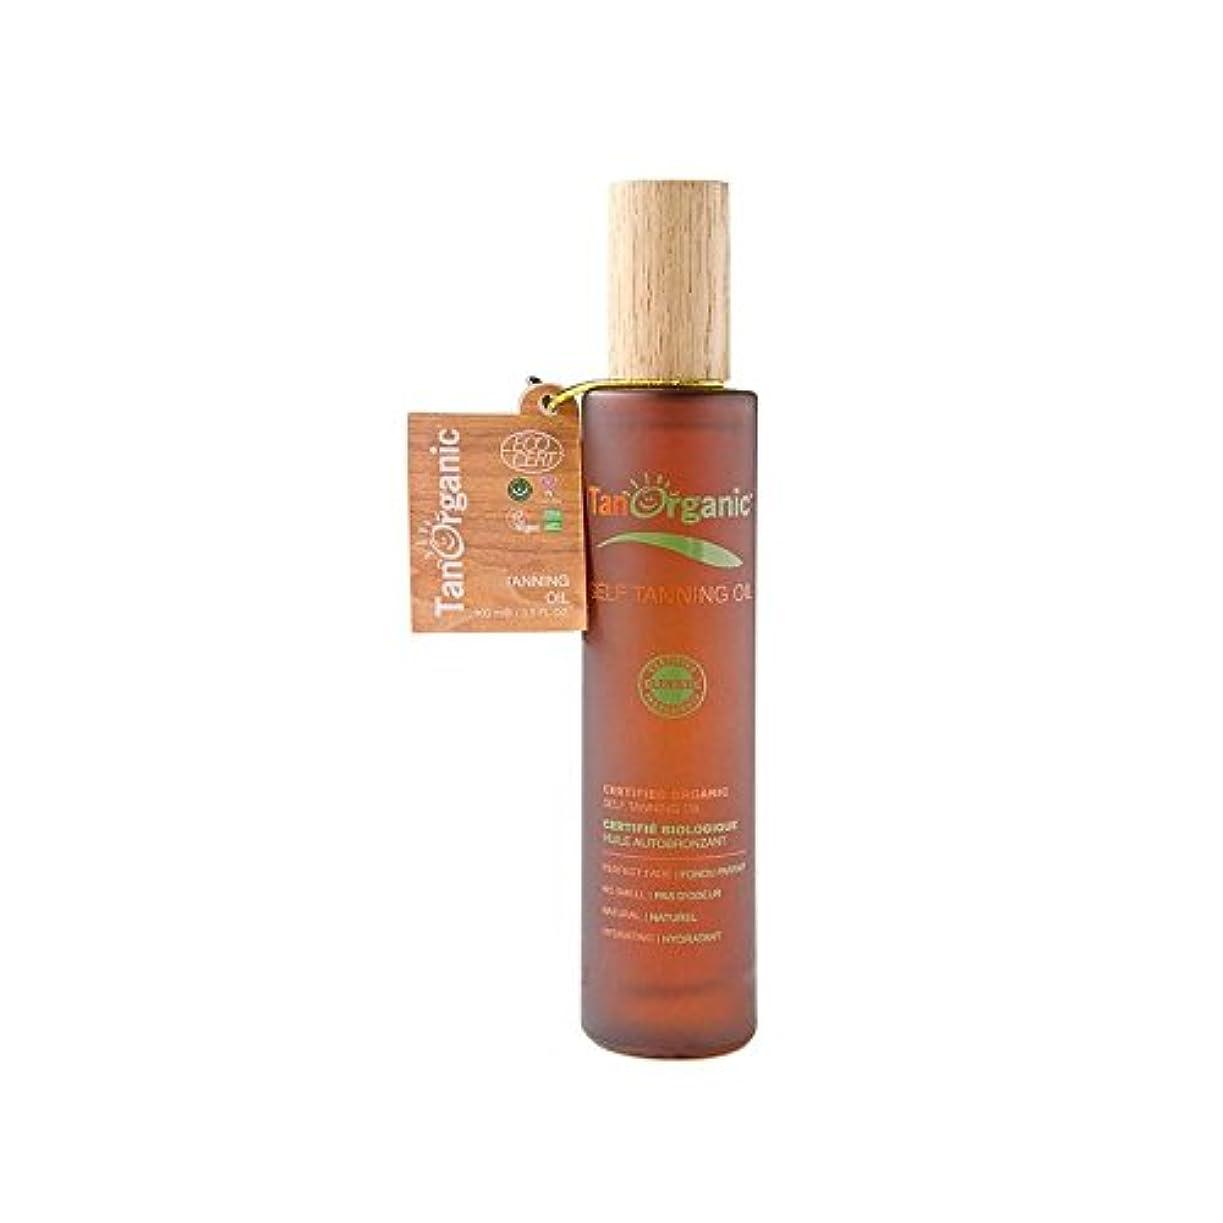 寛容適応的概要Tanorganic自己日焼け顔&ボディオイル (Tan Organic) - TanOrganic Self-Tan Face & Body Oil [並行輸入品]